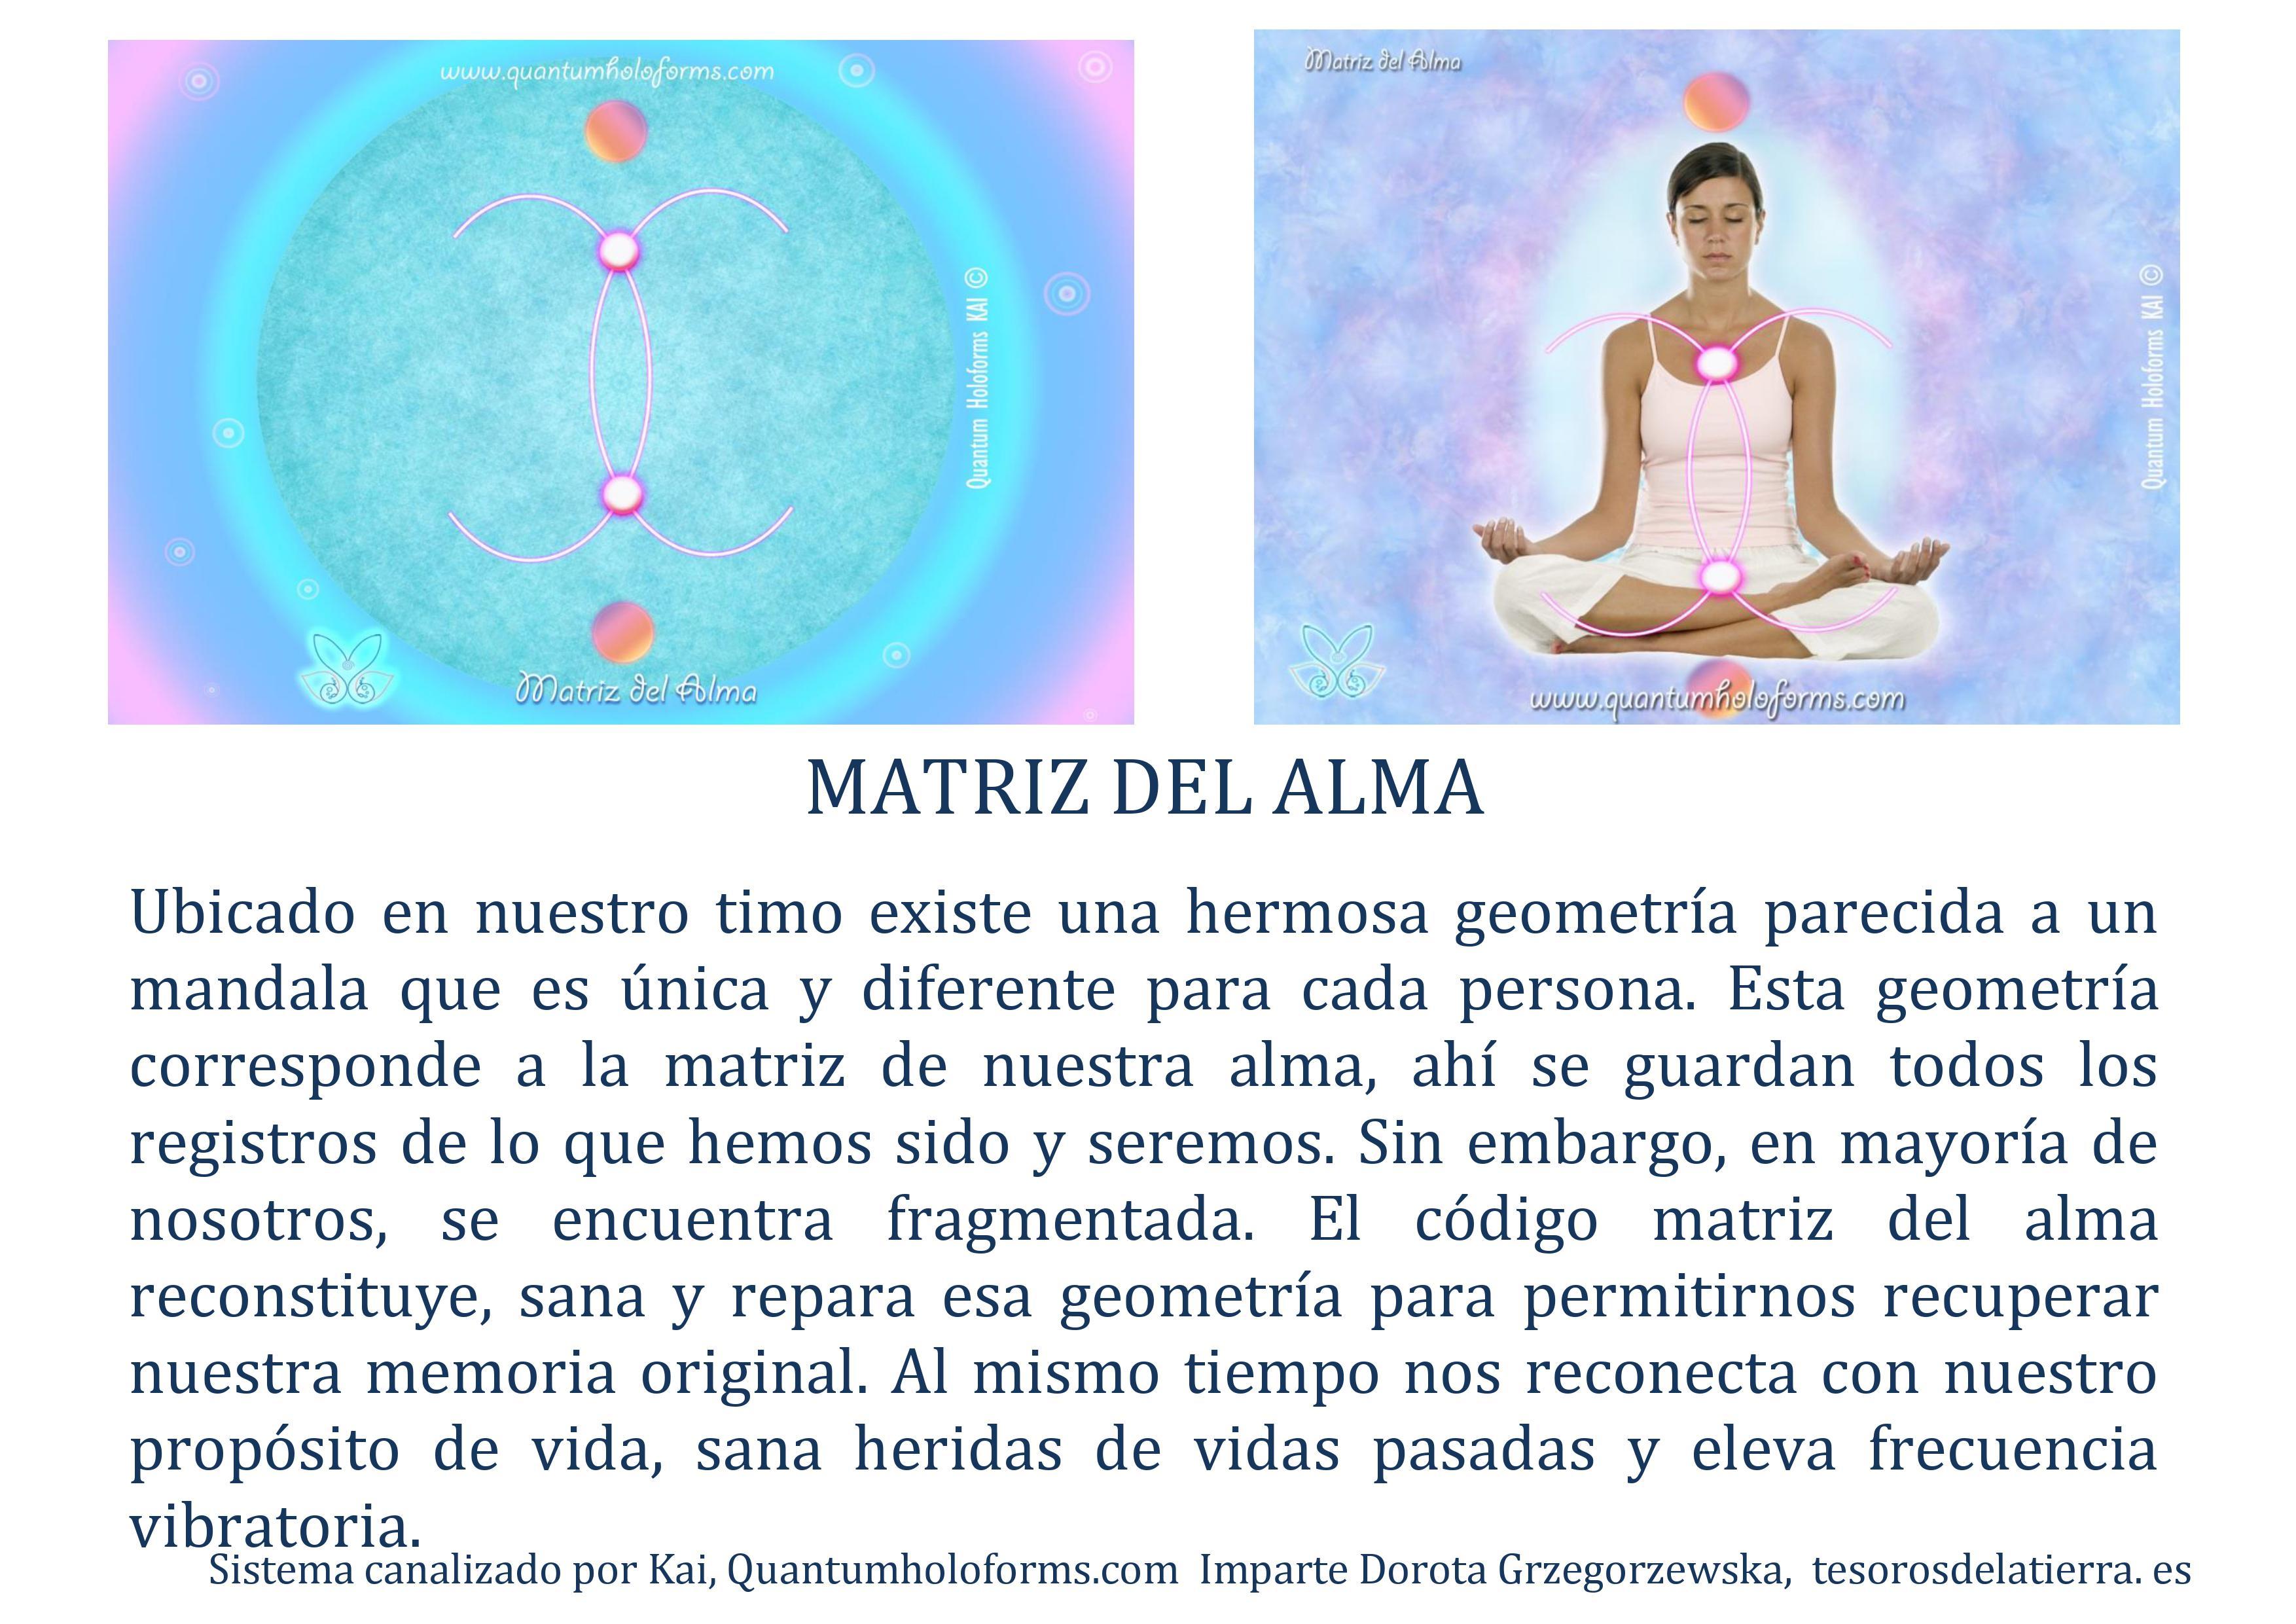 matriz alma